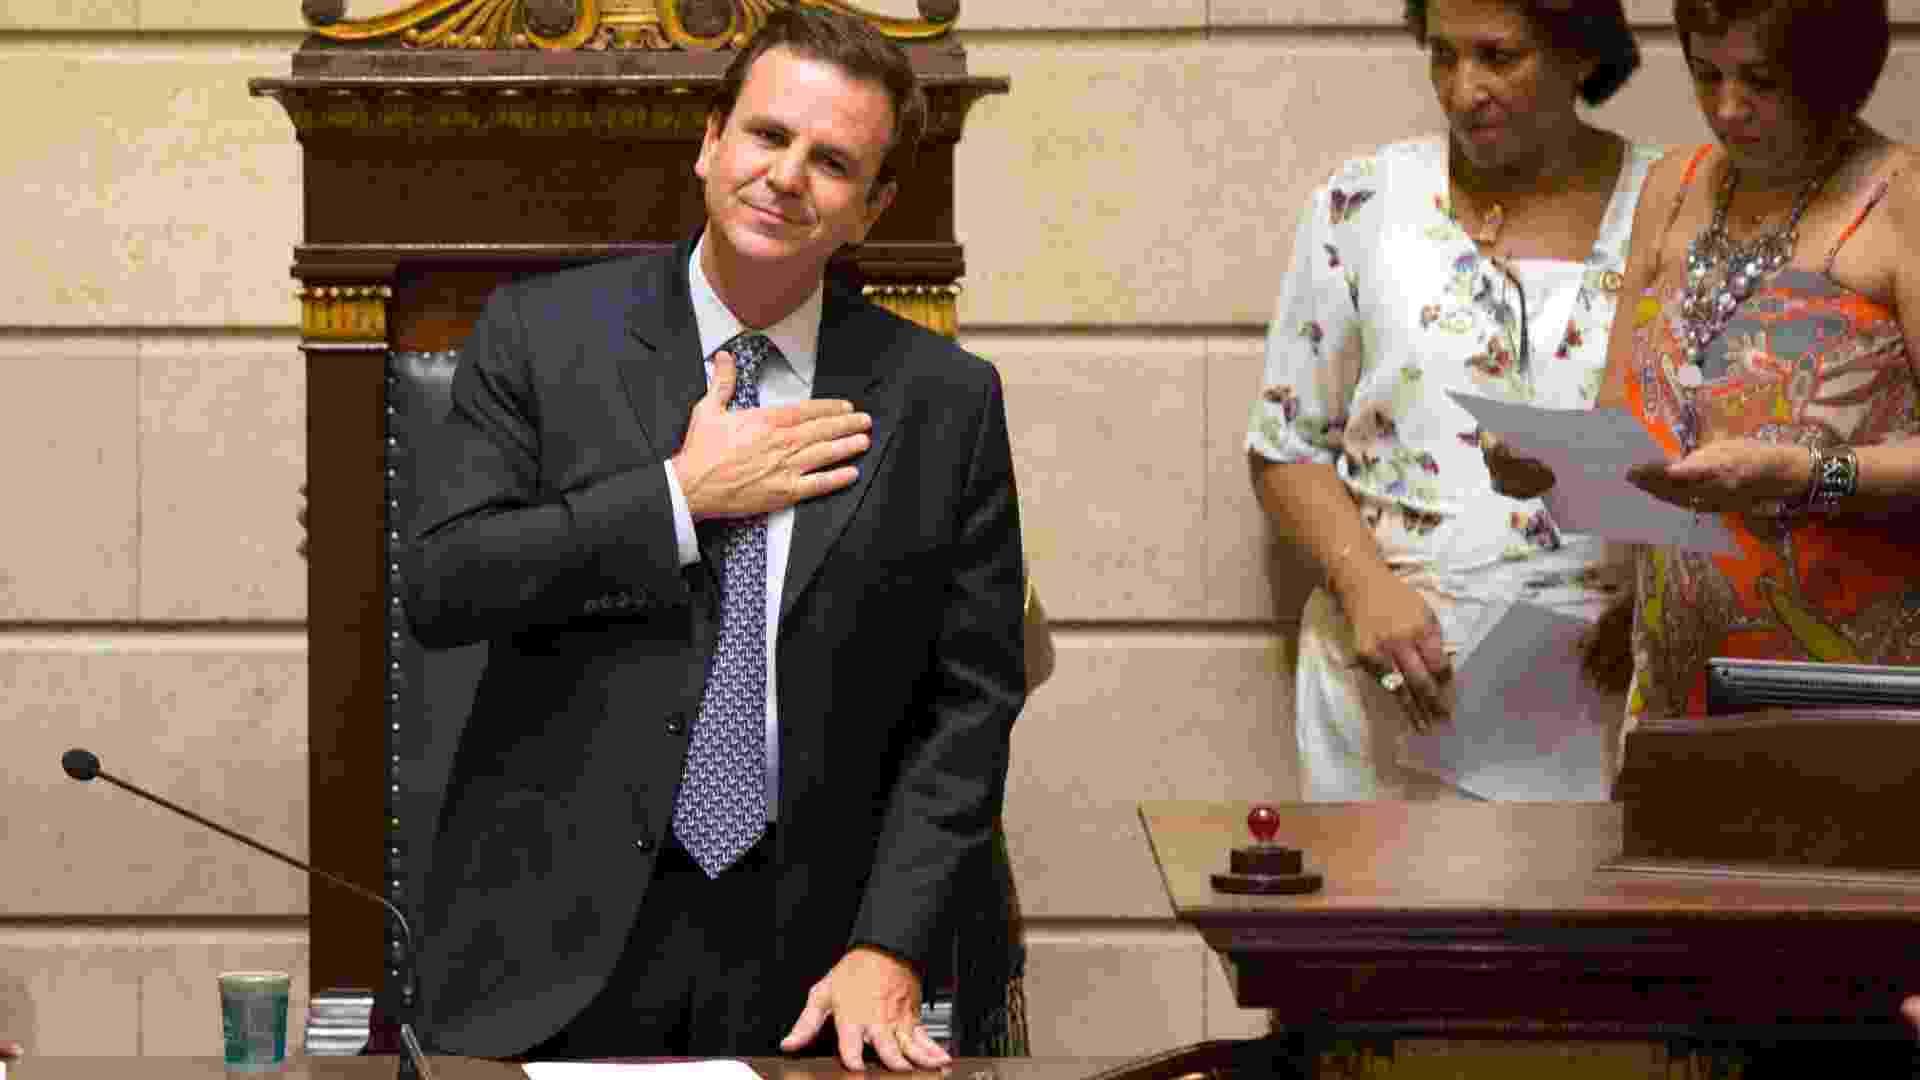 1º.jan.2013 - O prefeito reeleito do Rio de Janeiro, Eduardo Paes (PMDB), toma posse na Câmara Municipal - Fernando Maia/UOL